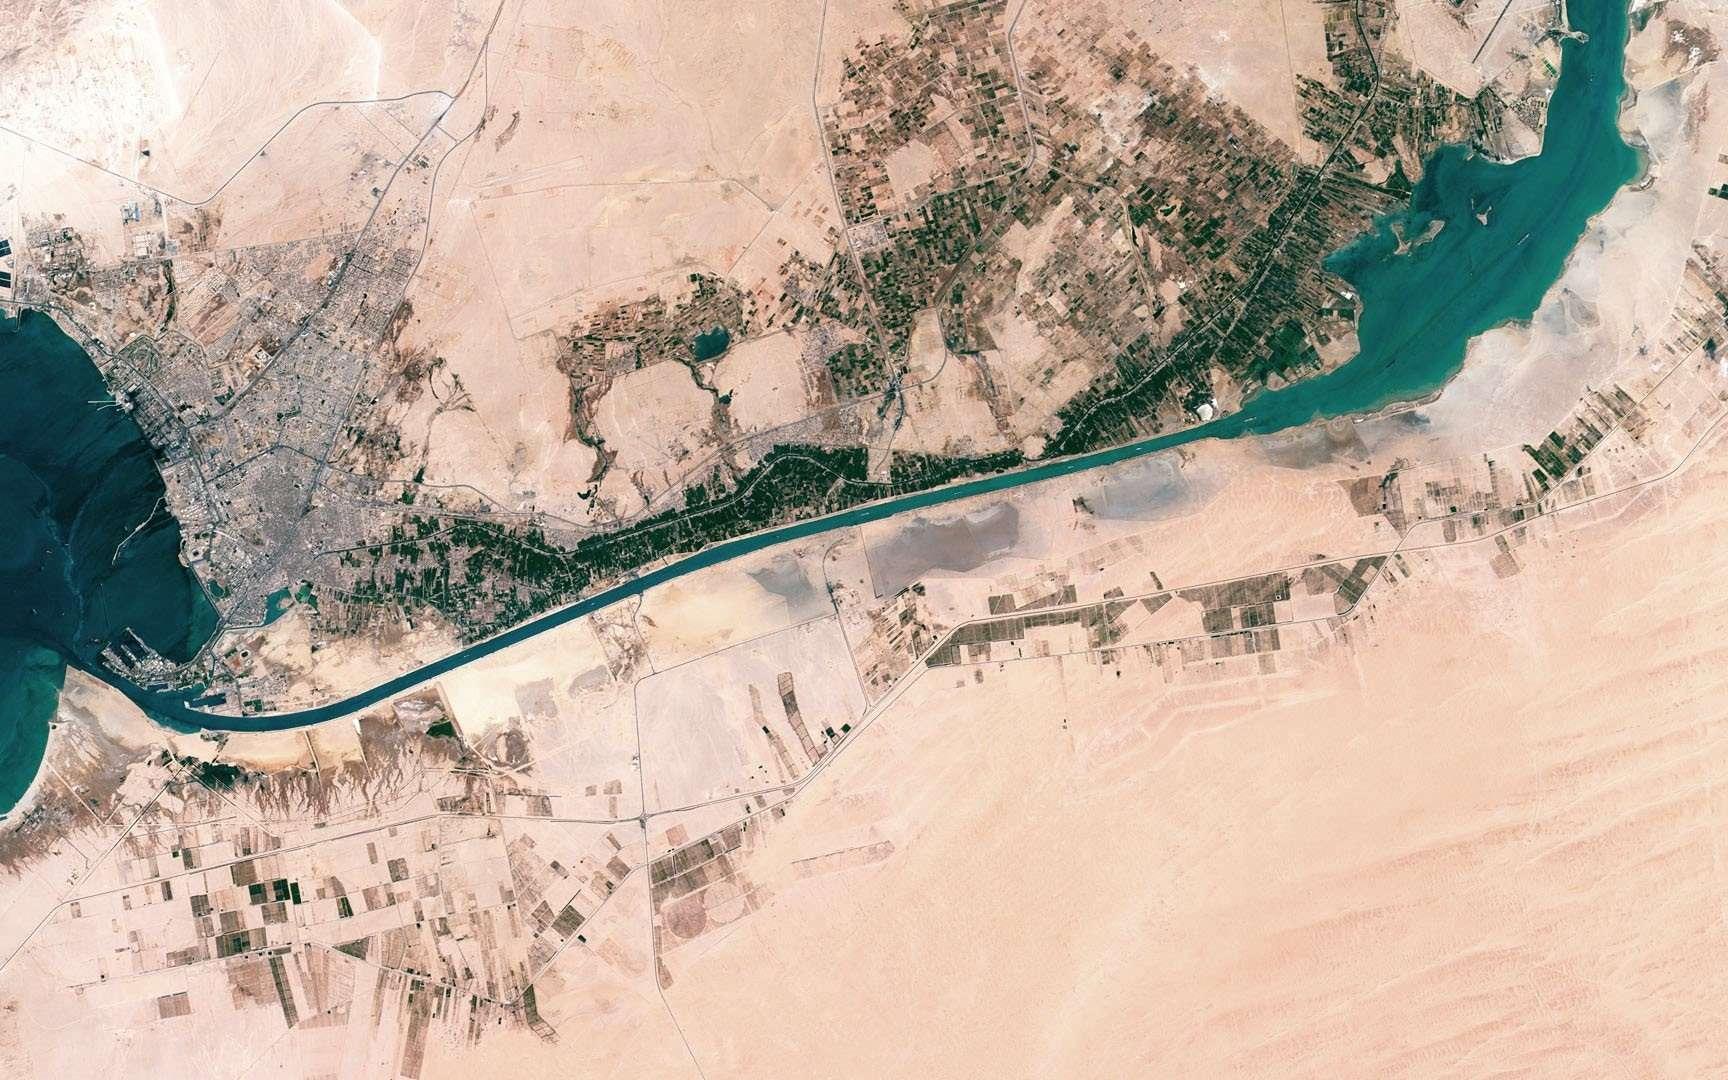 Vue aérienne de la partie sud du canal de Suez, depuis la ville de Suez et la mer Rouge (à gauche de l'image) jusqu'aux lacs Amers (en haut à droite). © Axelspace Corporation.